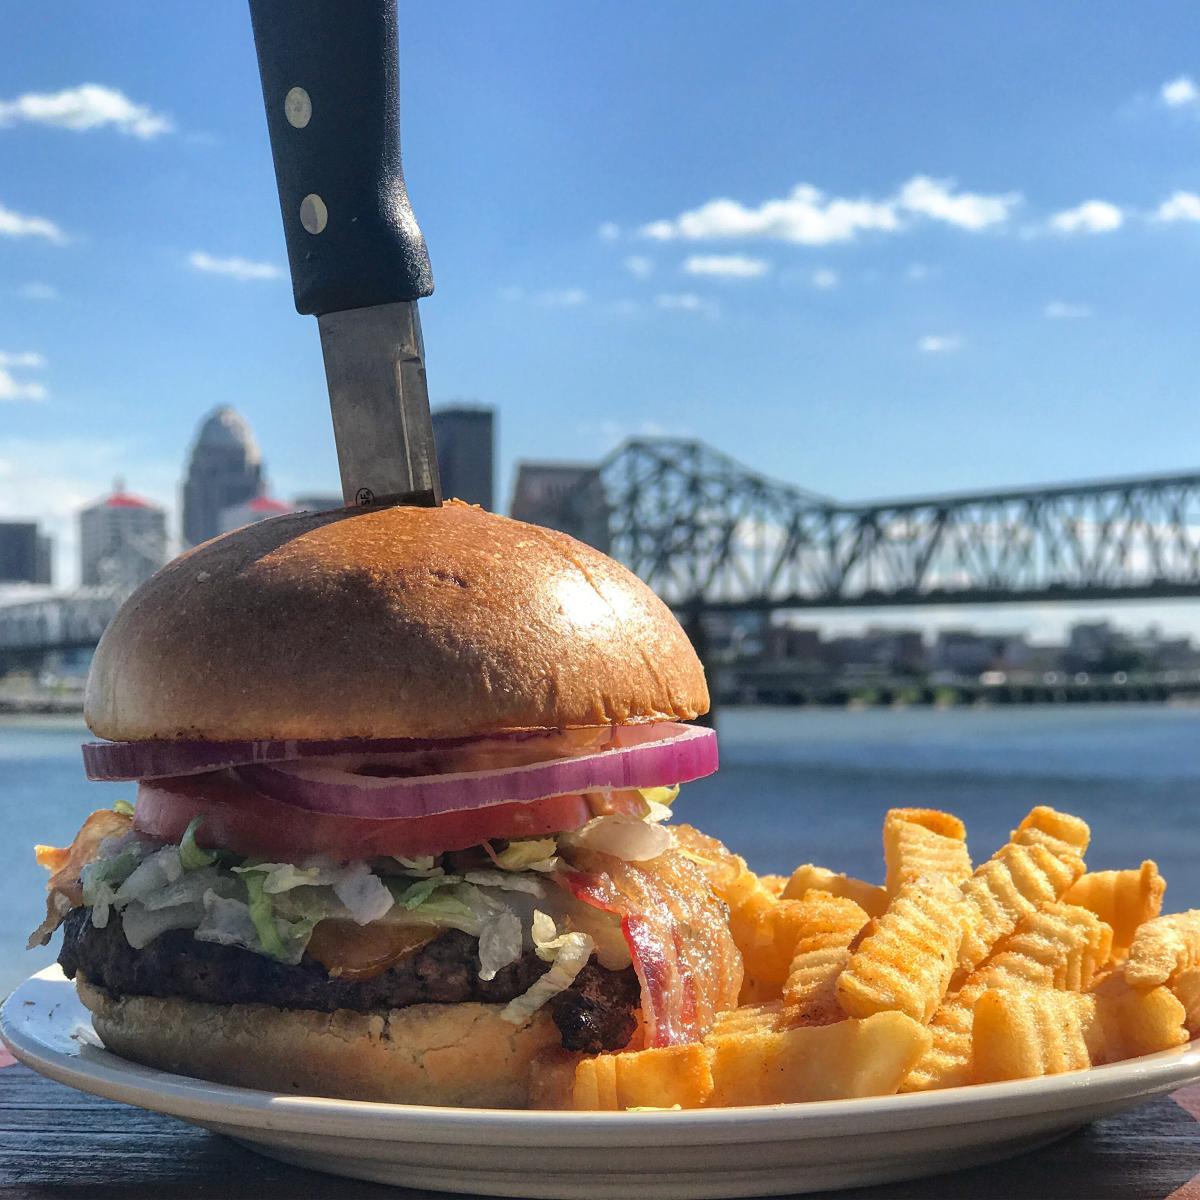 Bacon cheeseburger and fries at Buckhead